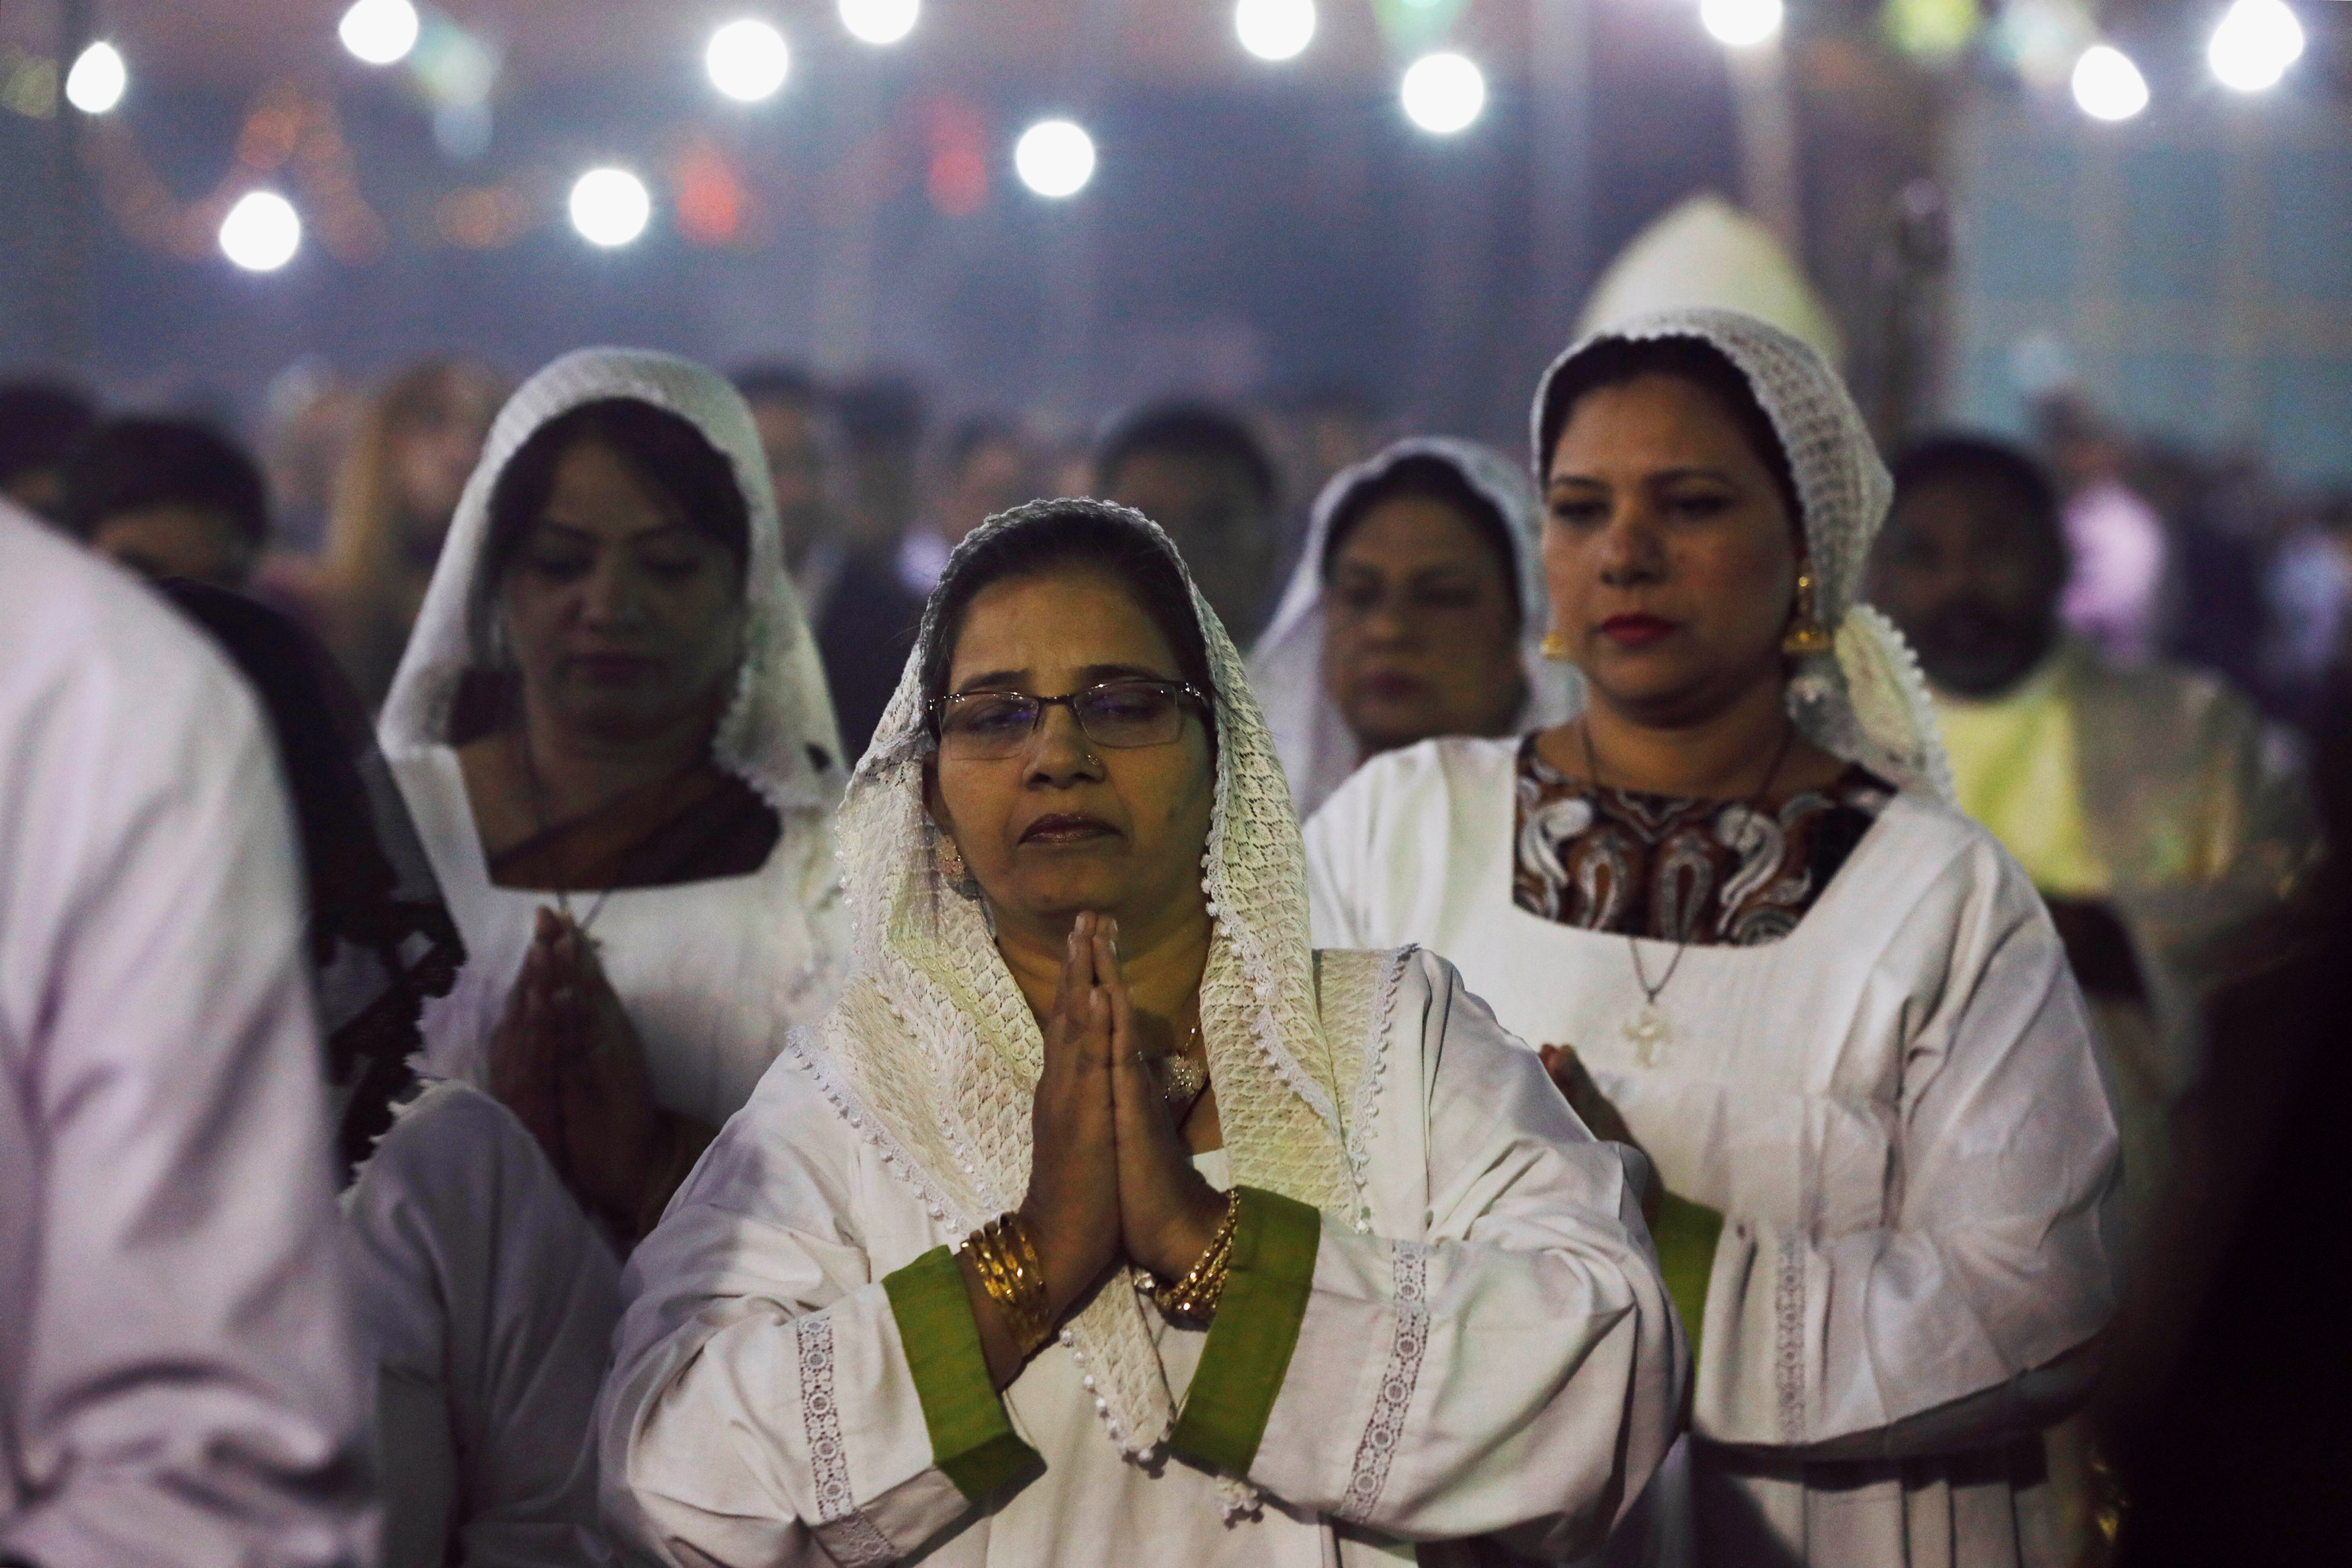 جانب من احتفالات أعياد الميلاد بباكستان